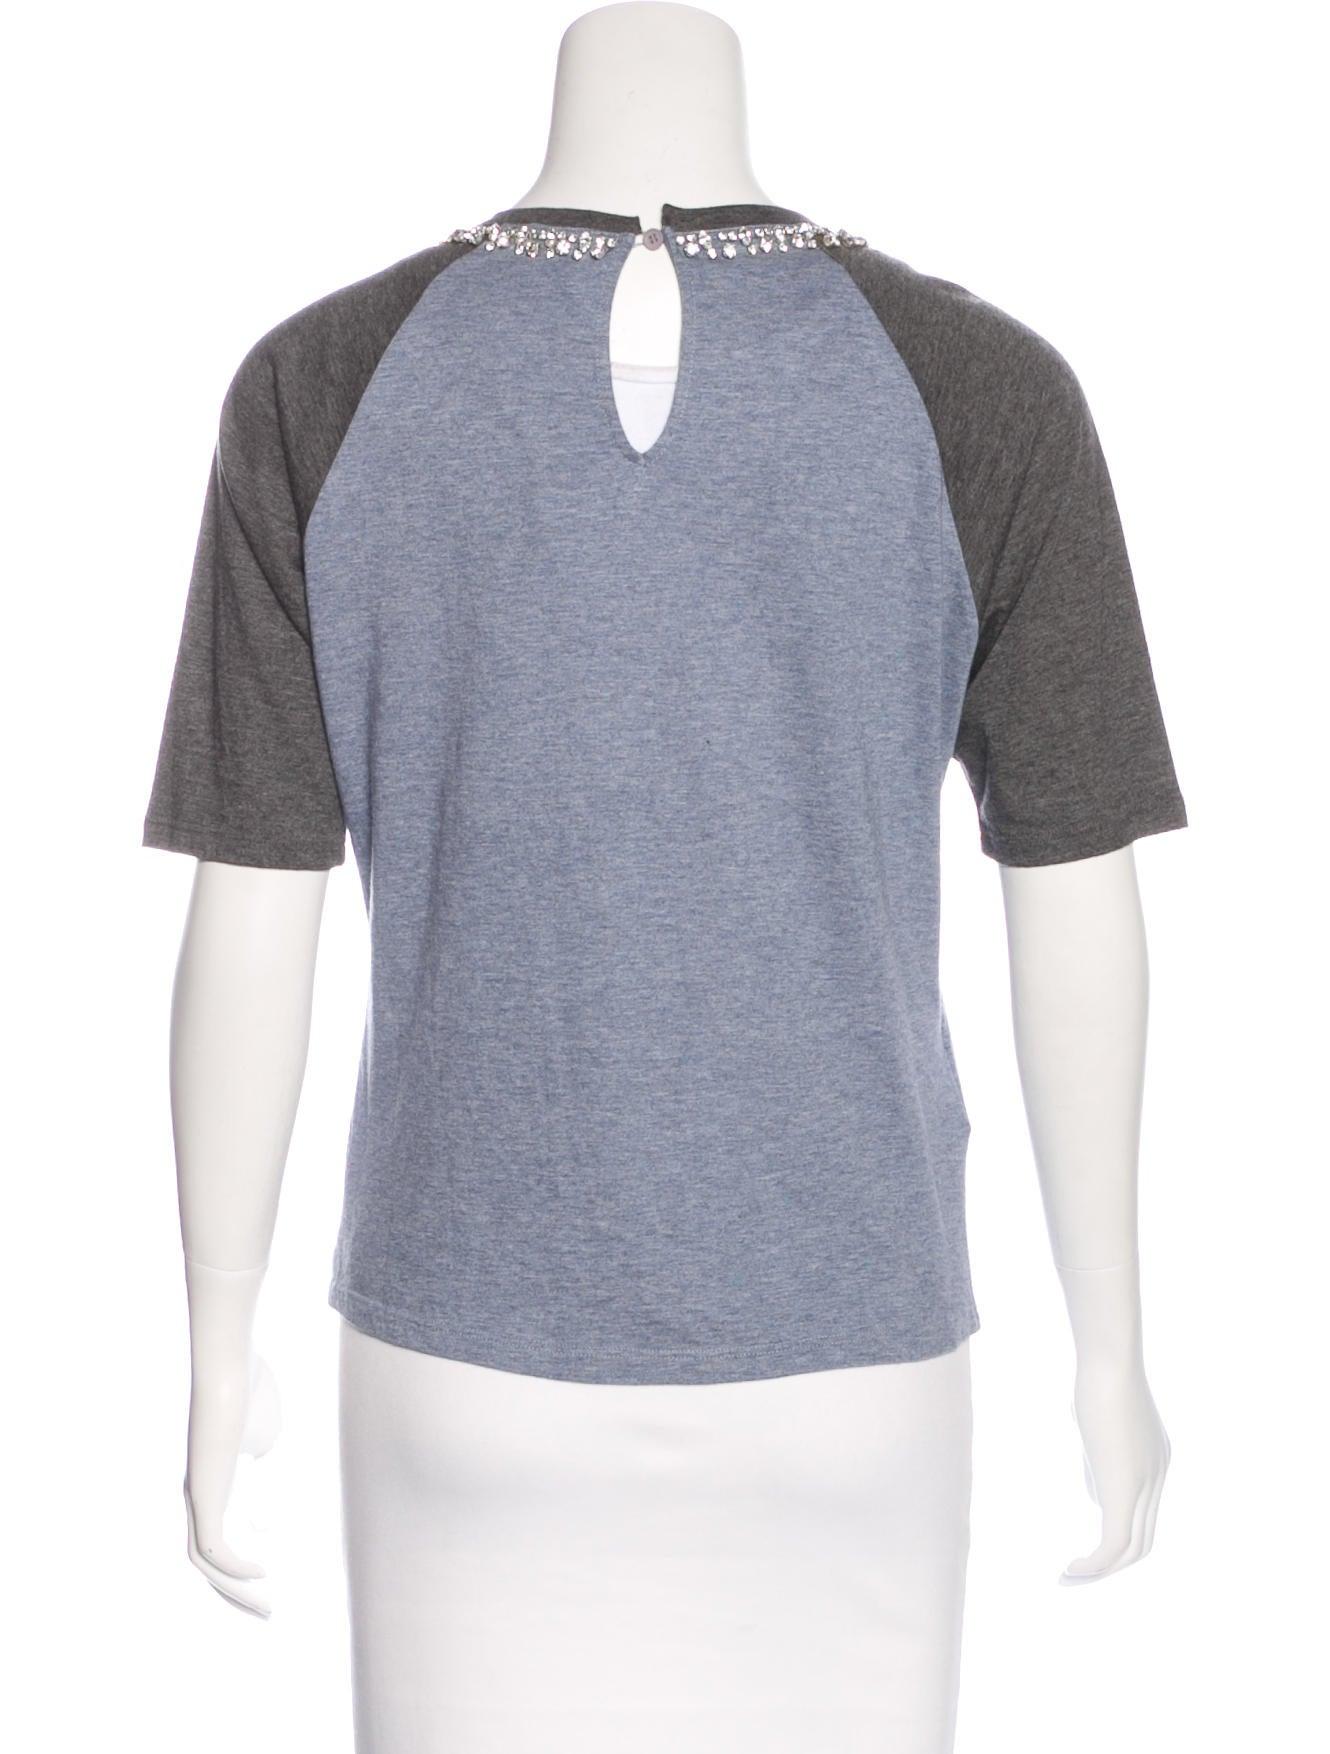 Miu miu crystal embellished t shirt clothing miu50310 for Miu miu t shirt